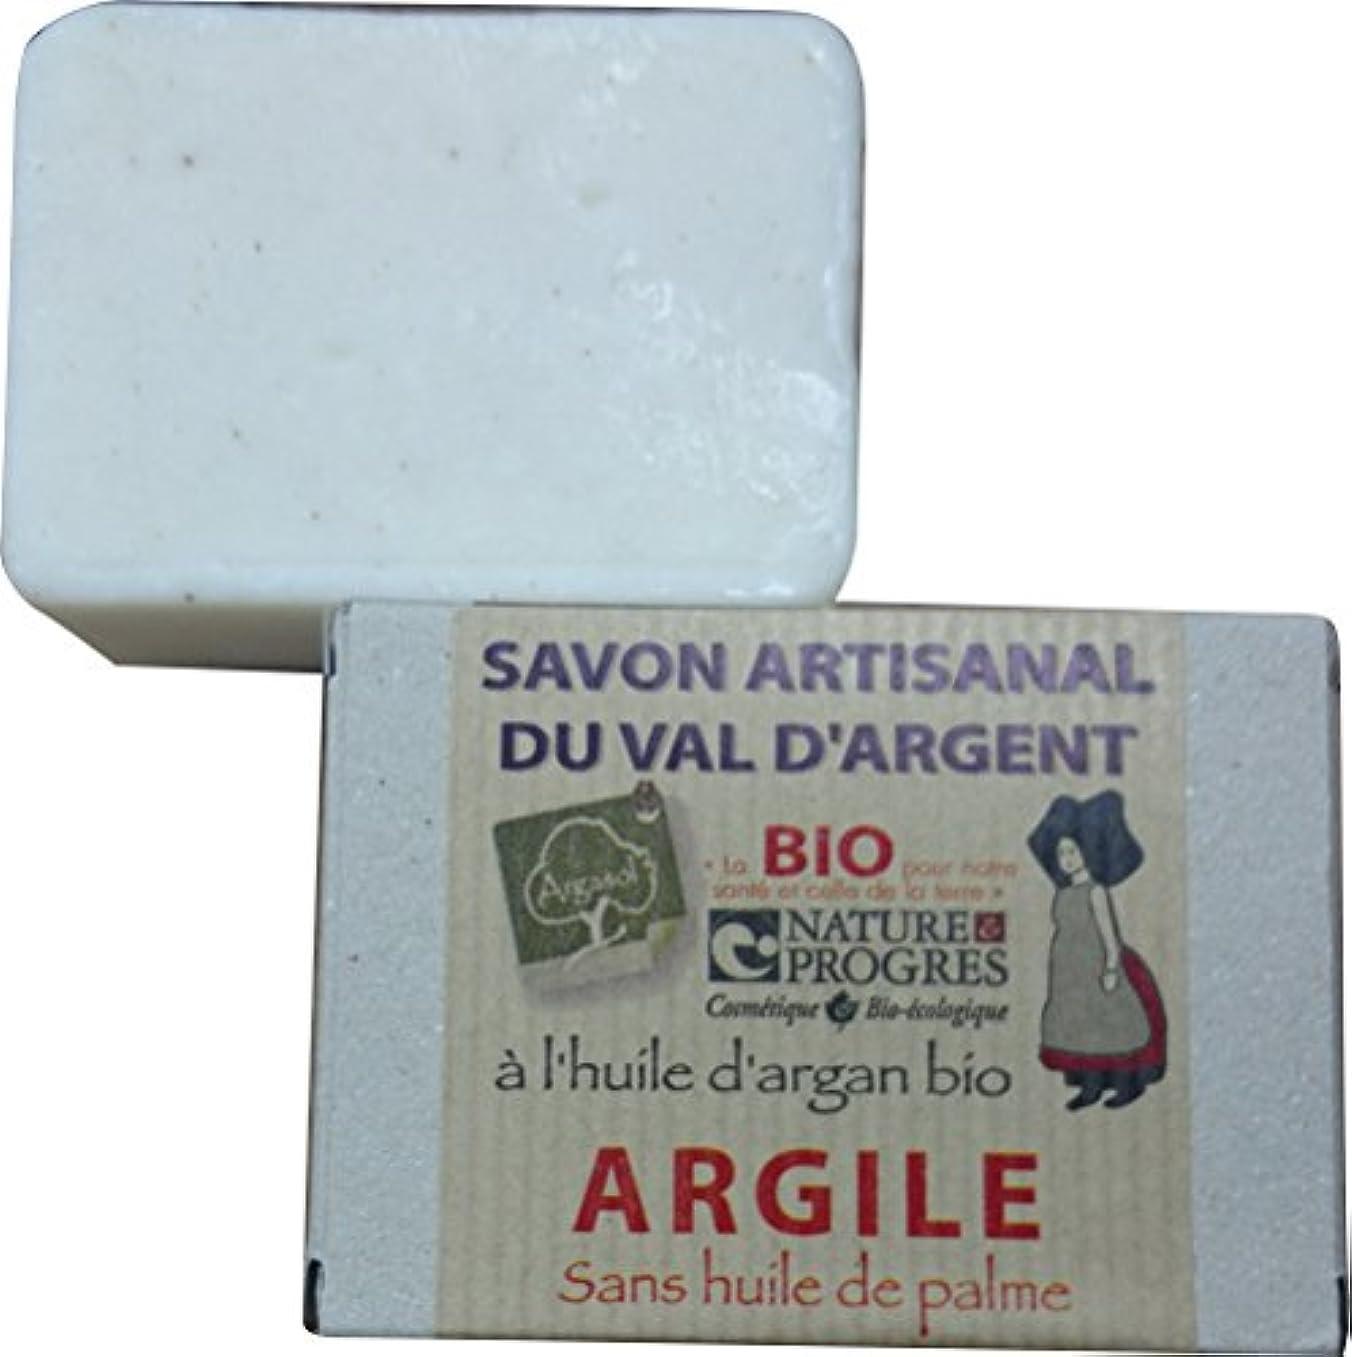 究極の仕立て屋マイクロサボン アルガソル(SAVON ARGASOL) クレイ